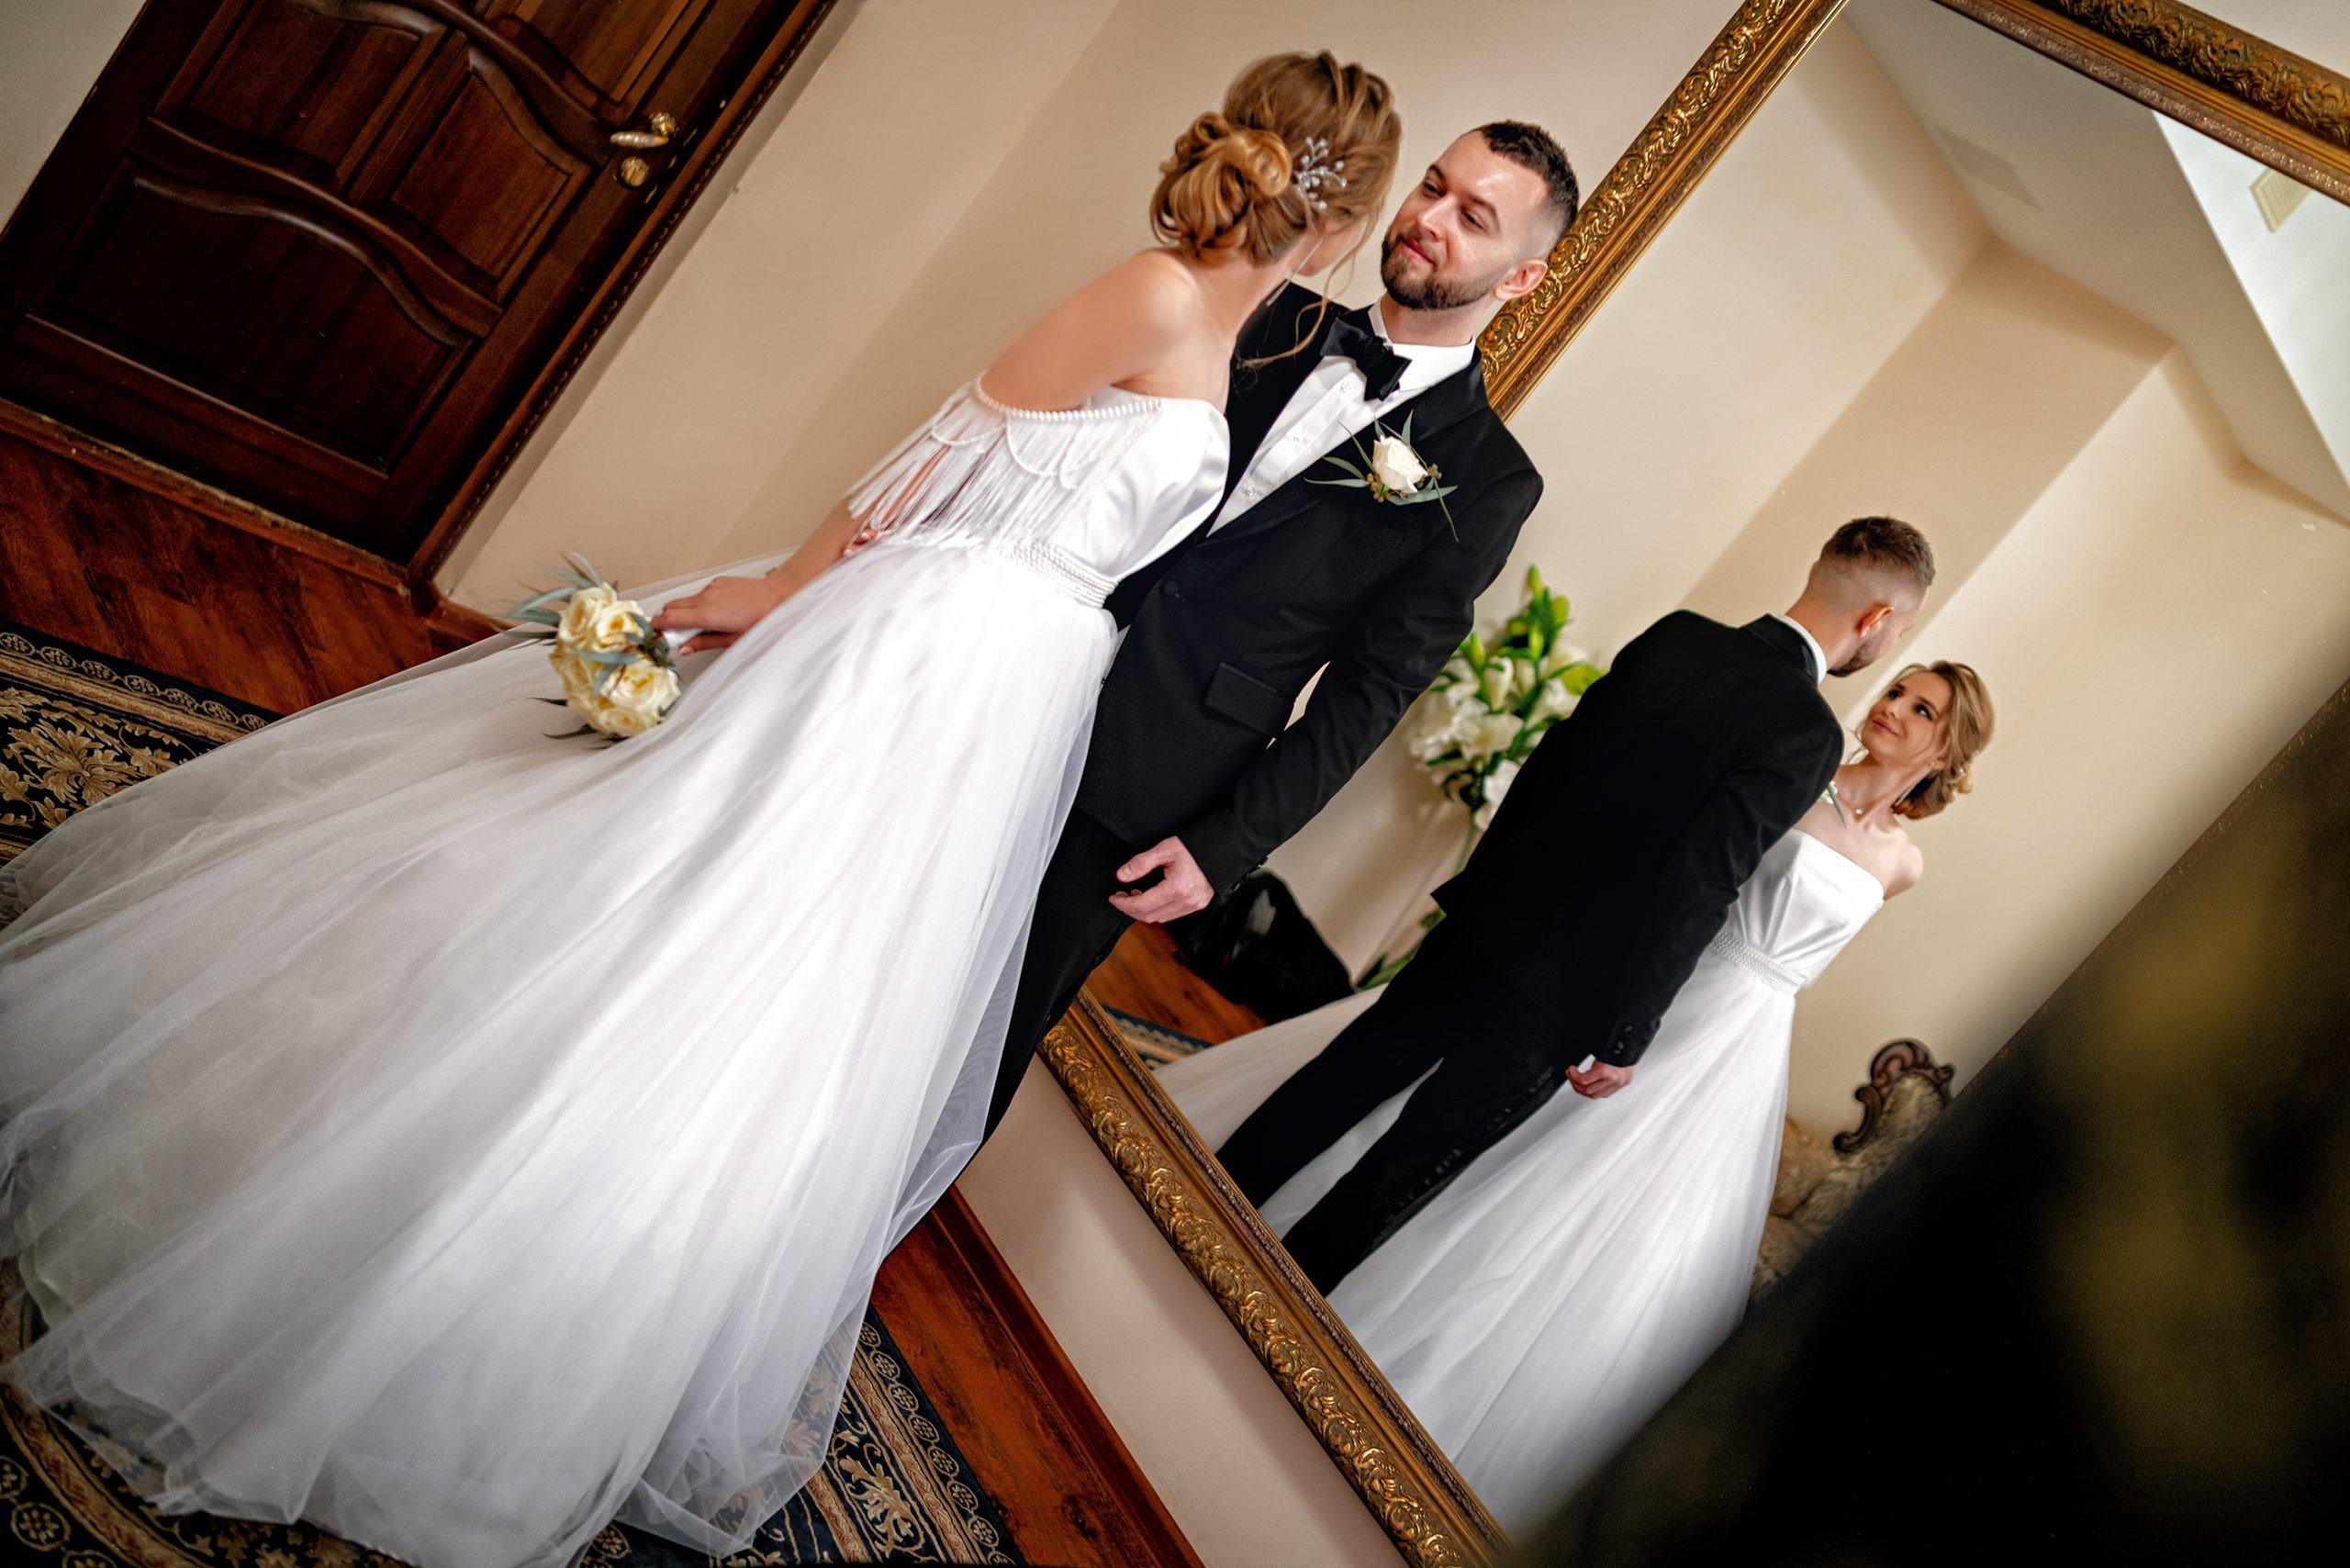 Cвадебная фотосъемка в ЗАГСе Екатерининский Зал Краснодар от Краснодарского свадебного фотографа. Молодожены в комнате жениха и невесты